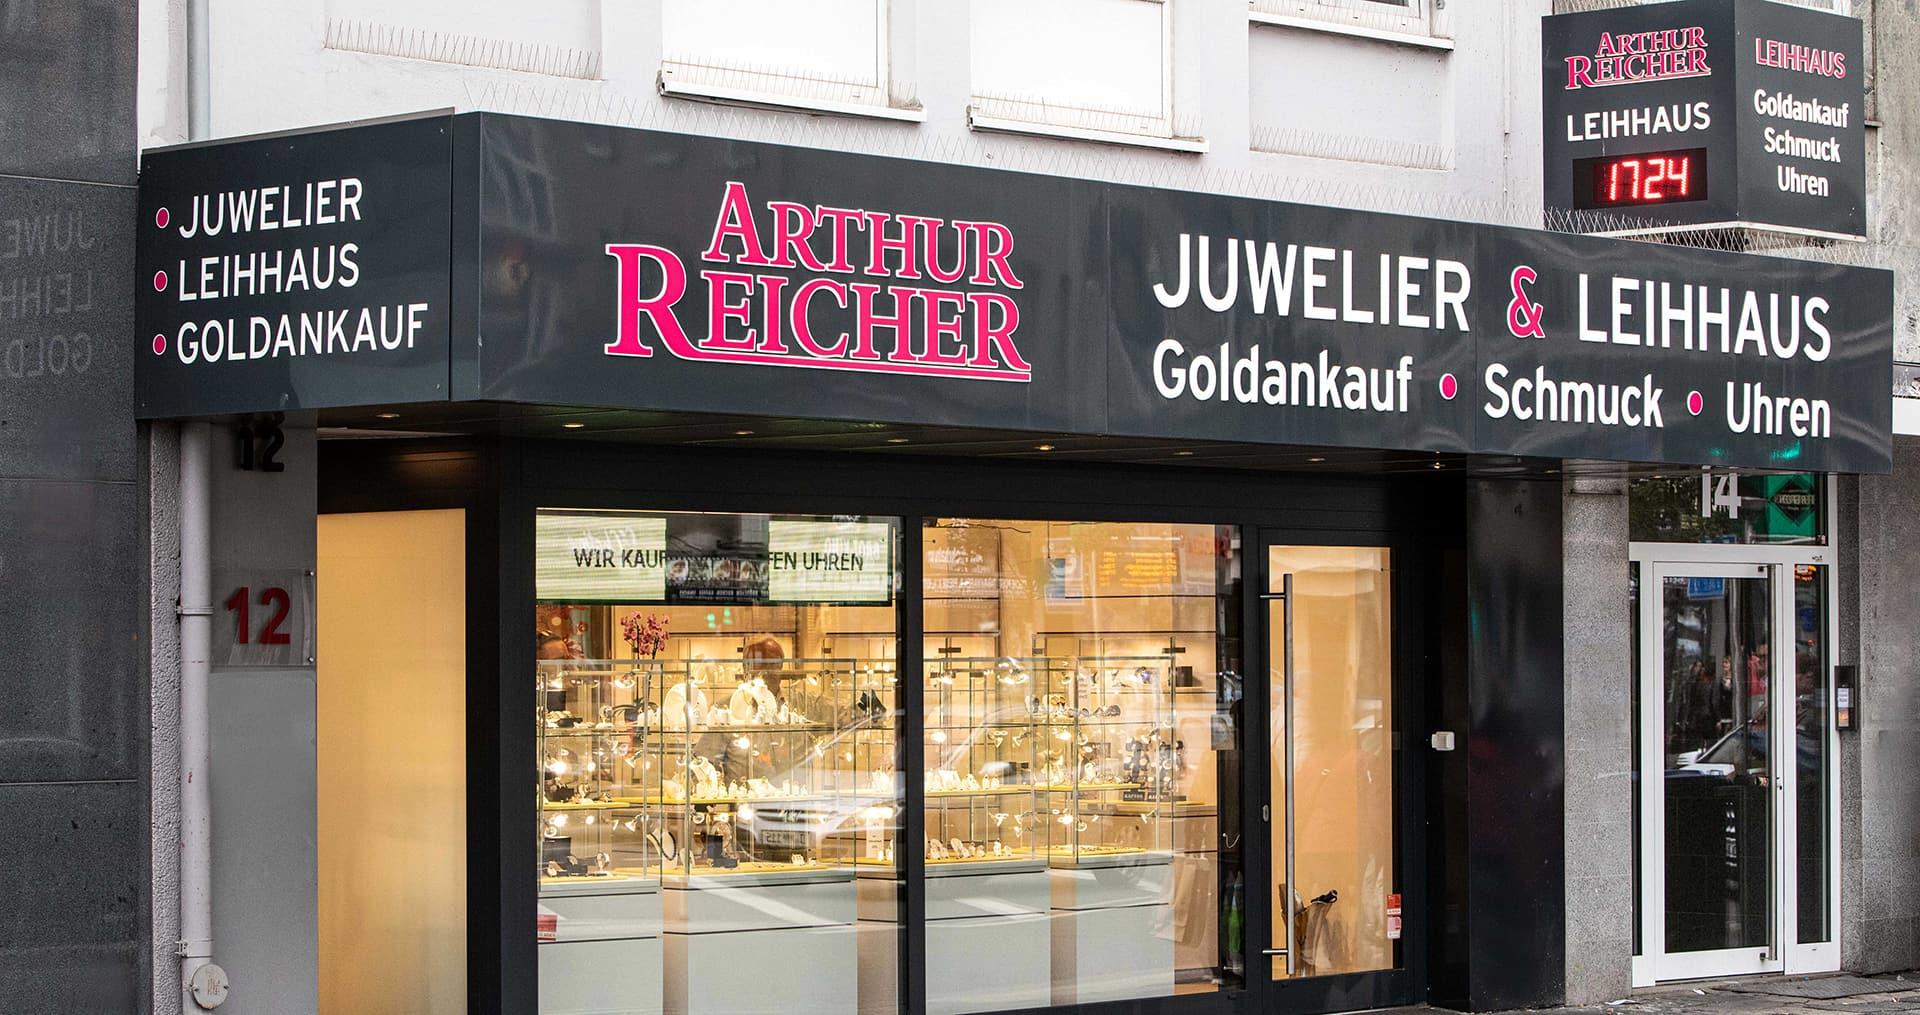 laden des juweliers arthur reicher 1